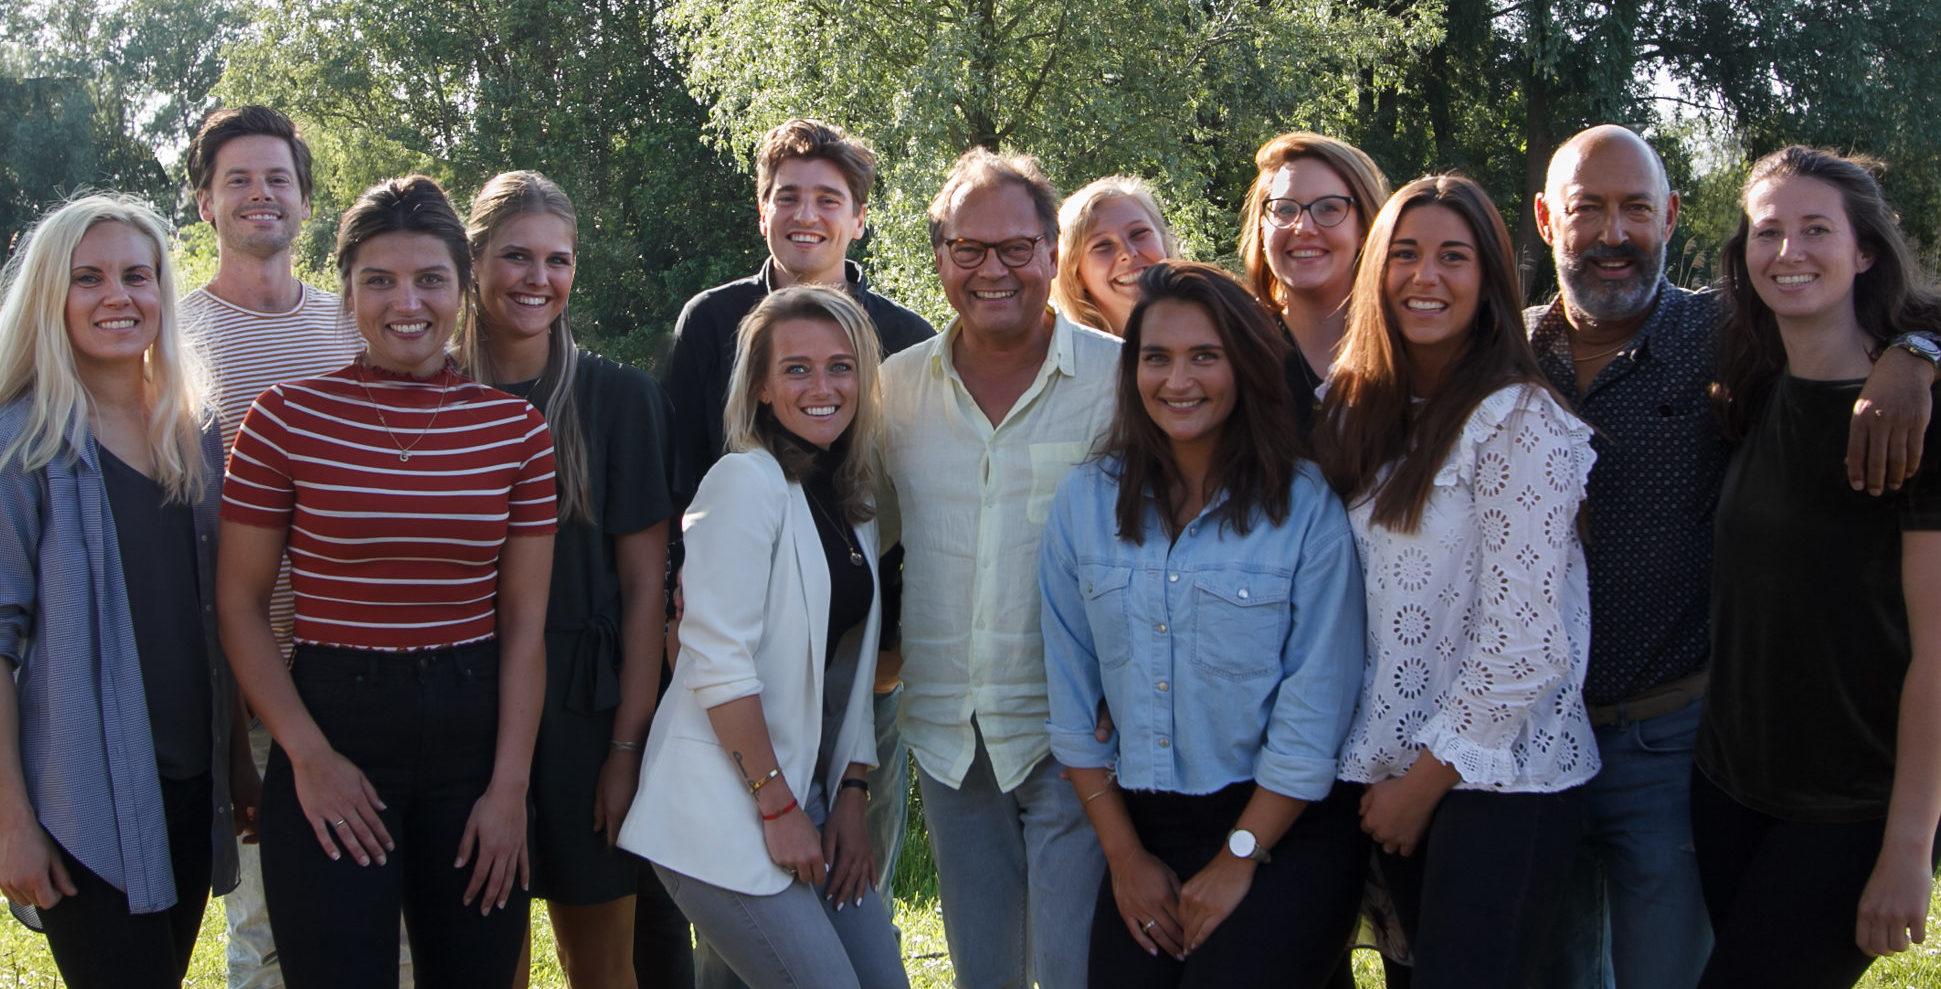 team Wolvenstraat, tandarts Jordaan, tandarts, tandarts Wolvenstraat, tandarts Amsterdam, Amsterdam